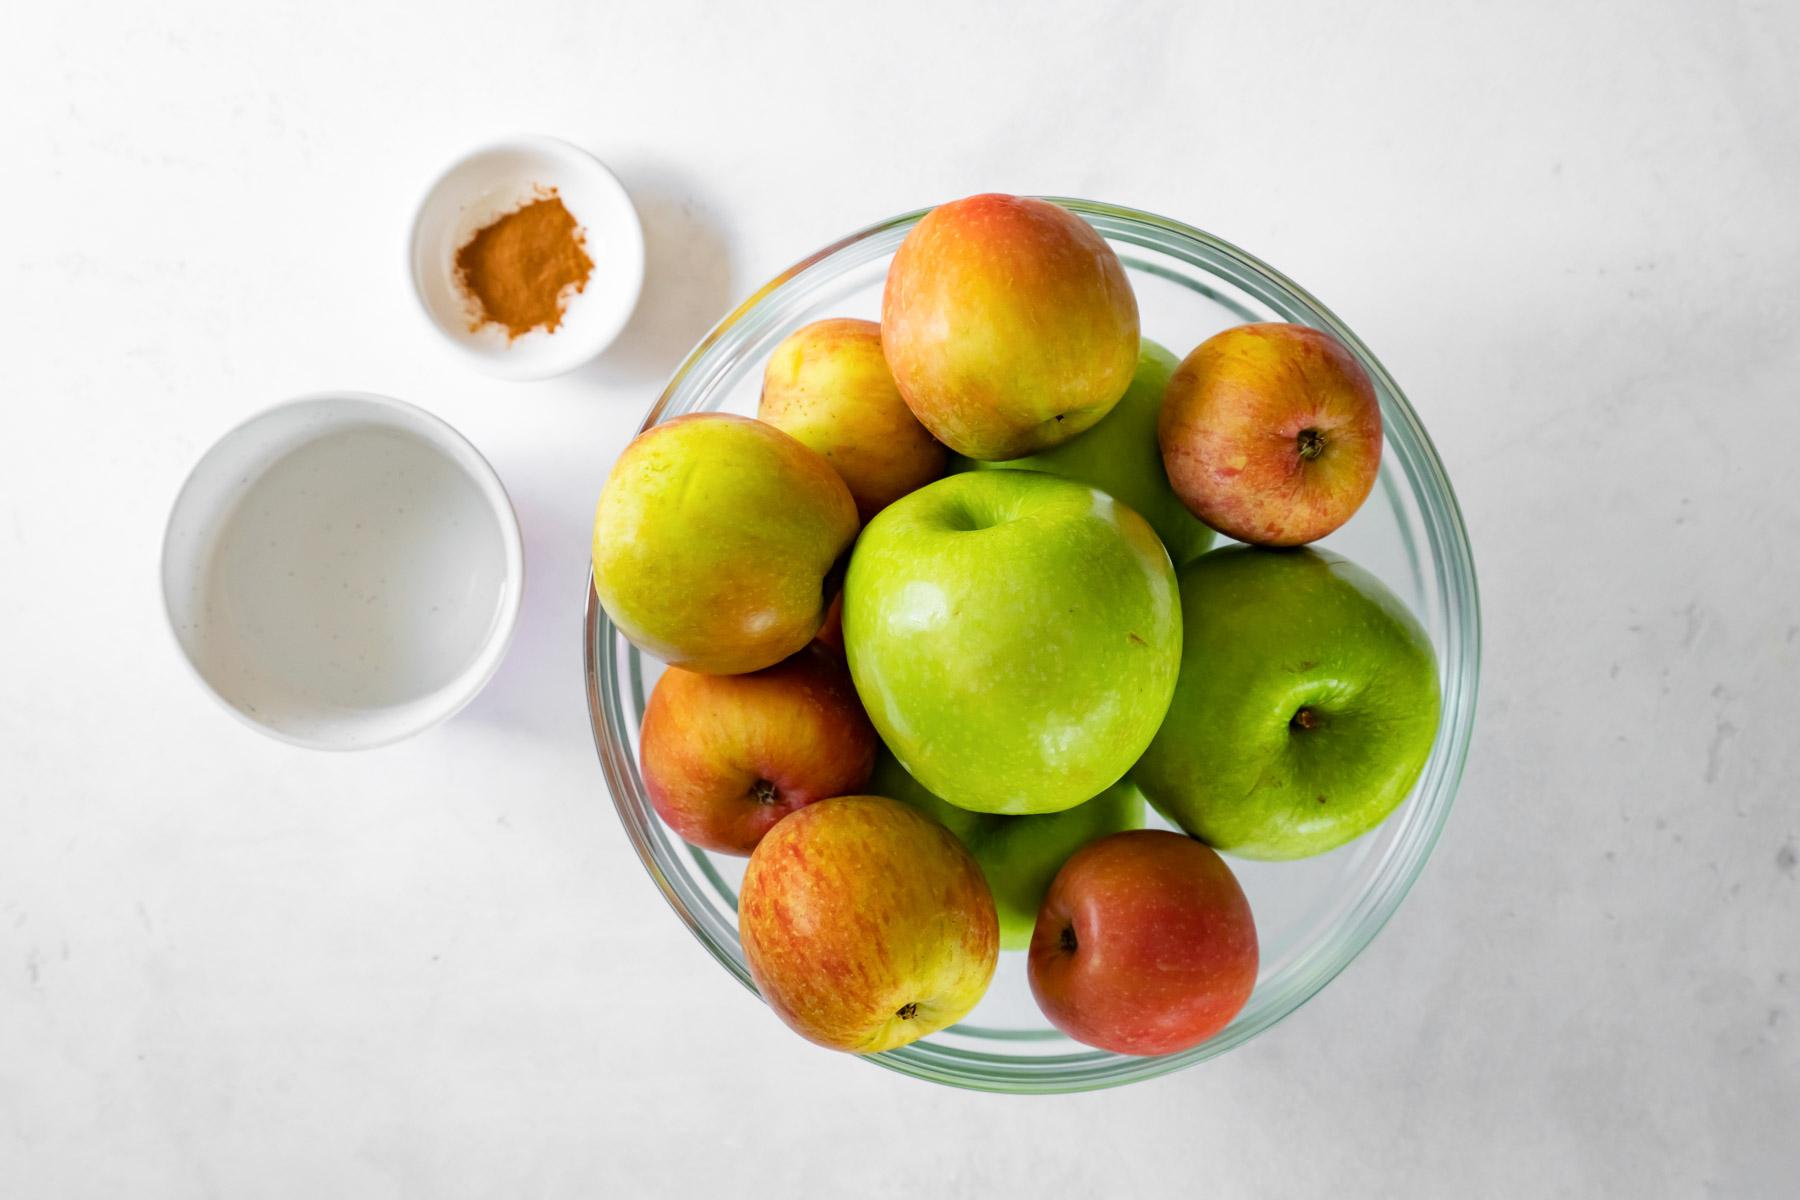 ingredients for instant pot applesauce